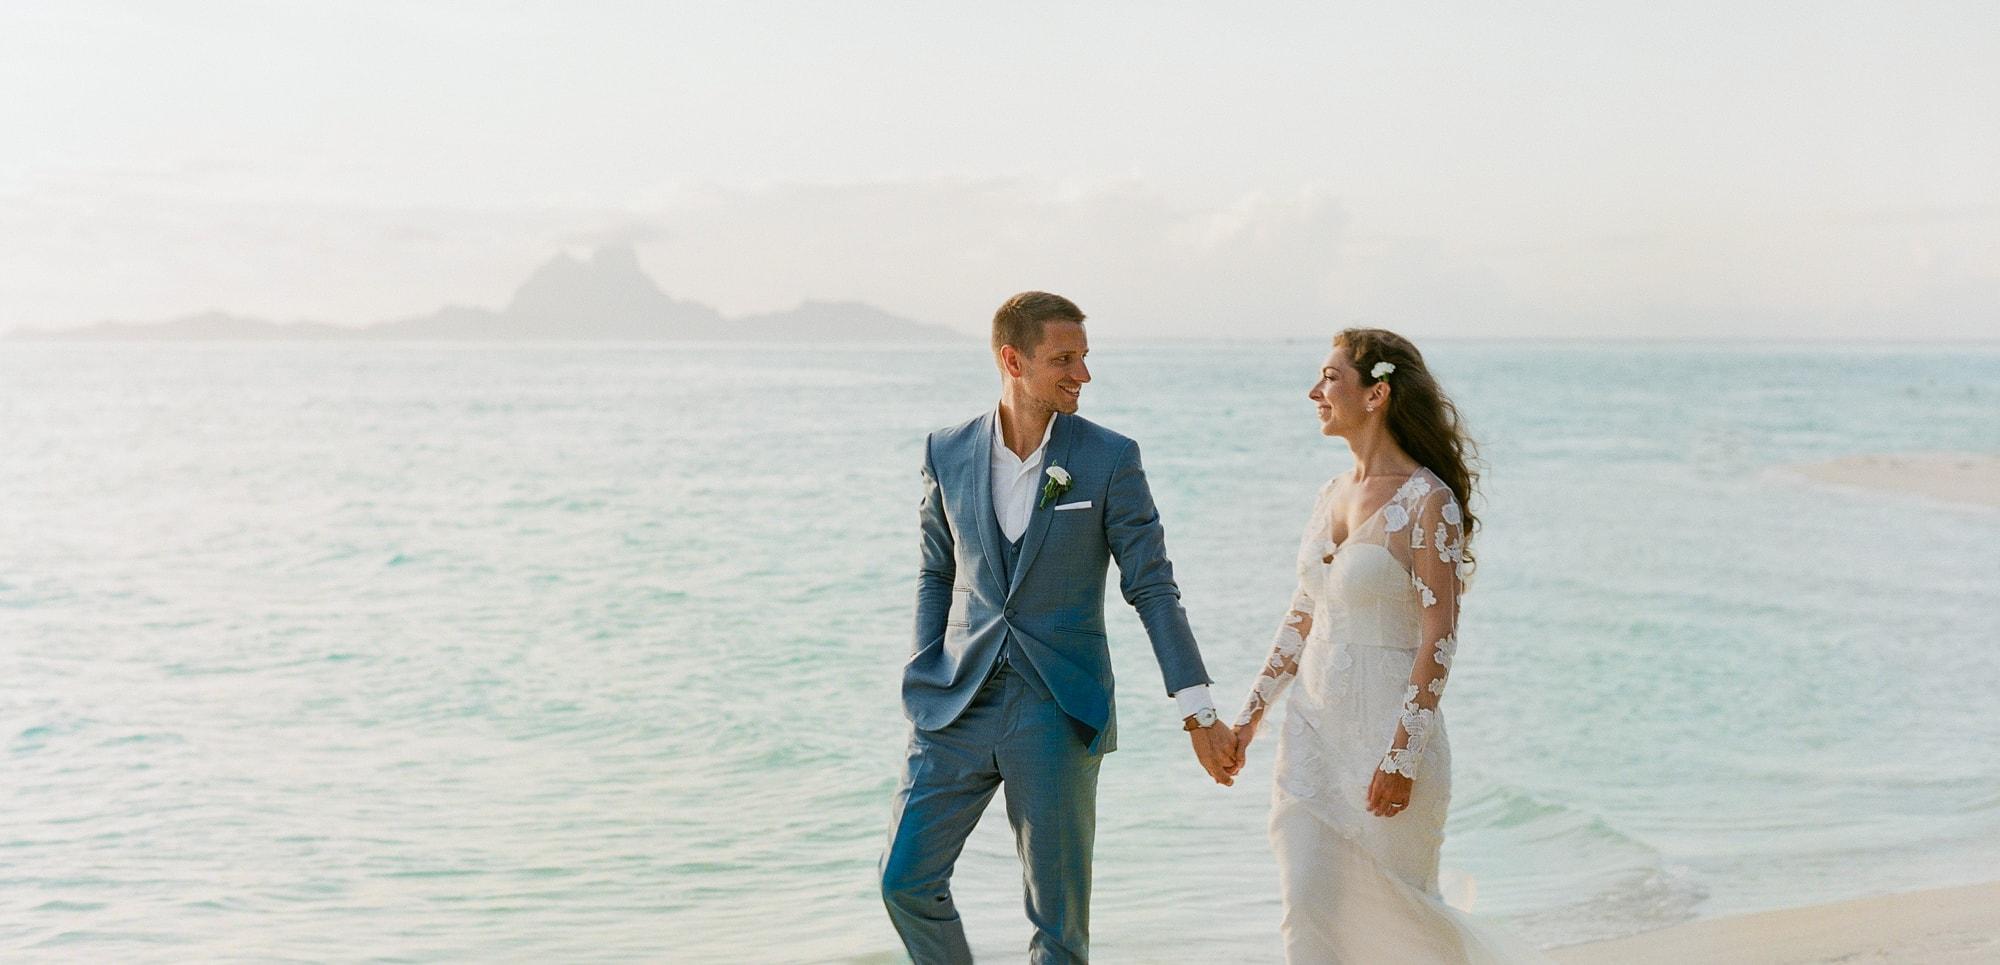 https://tahititourisme.nz/wp-content/uploads/2021/04/PCP-Bora-Bora-Photography-Couple-Wedding-sunset.jpg